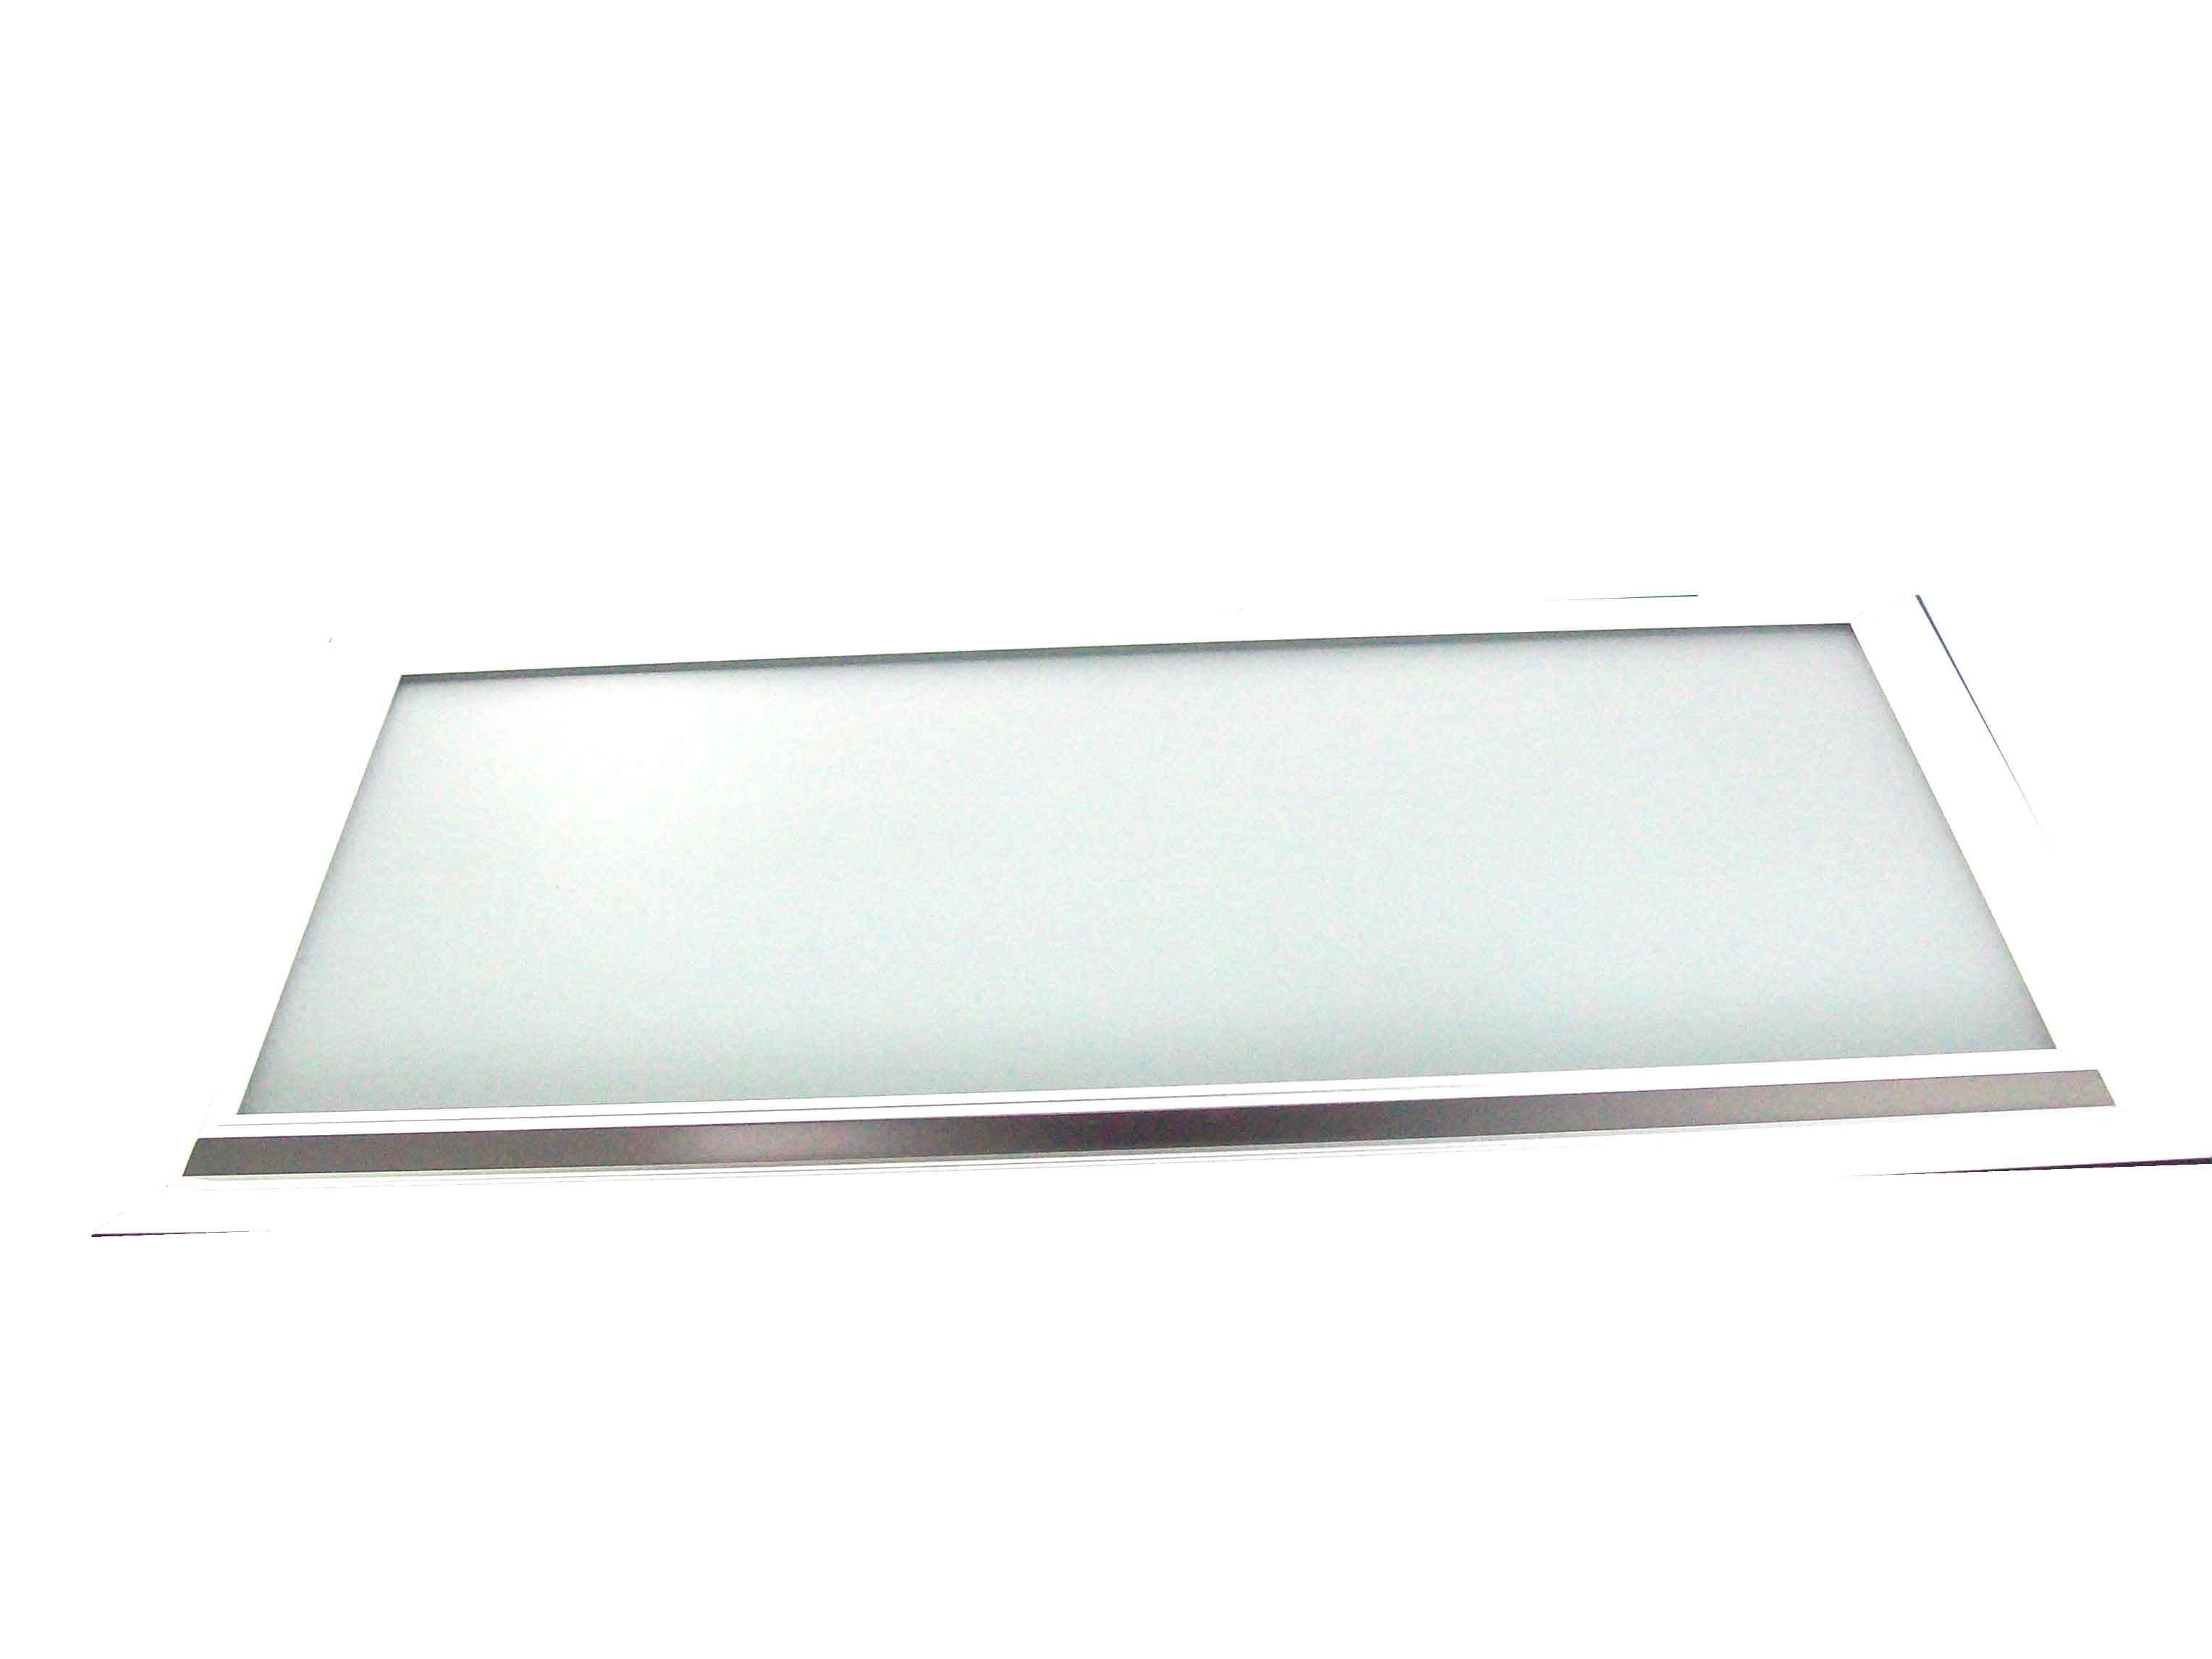 LED平板灯产品图片,LED平板灯产品相册 耐普集团公司西部商务中心